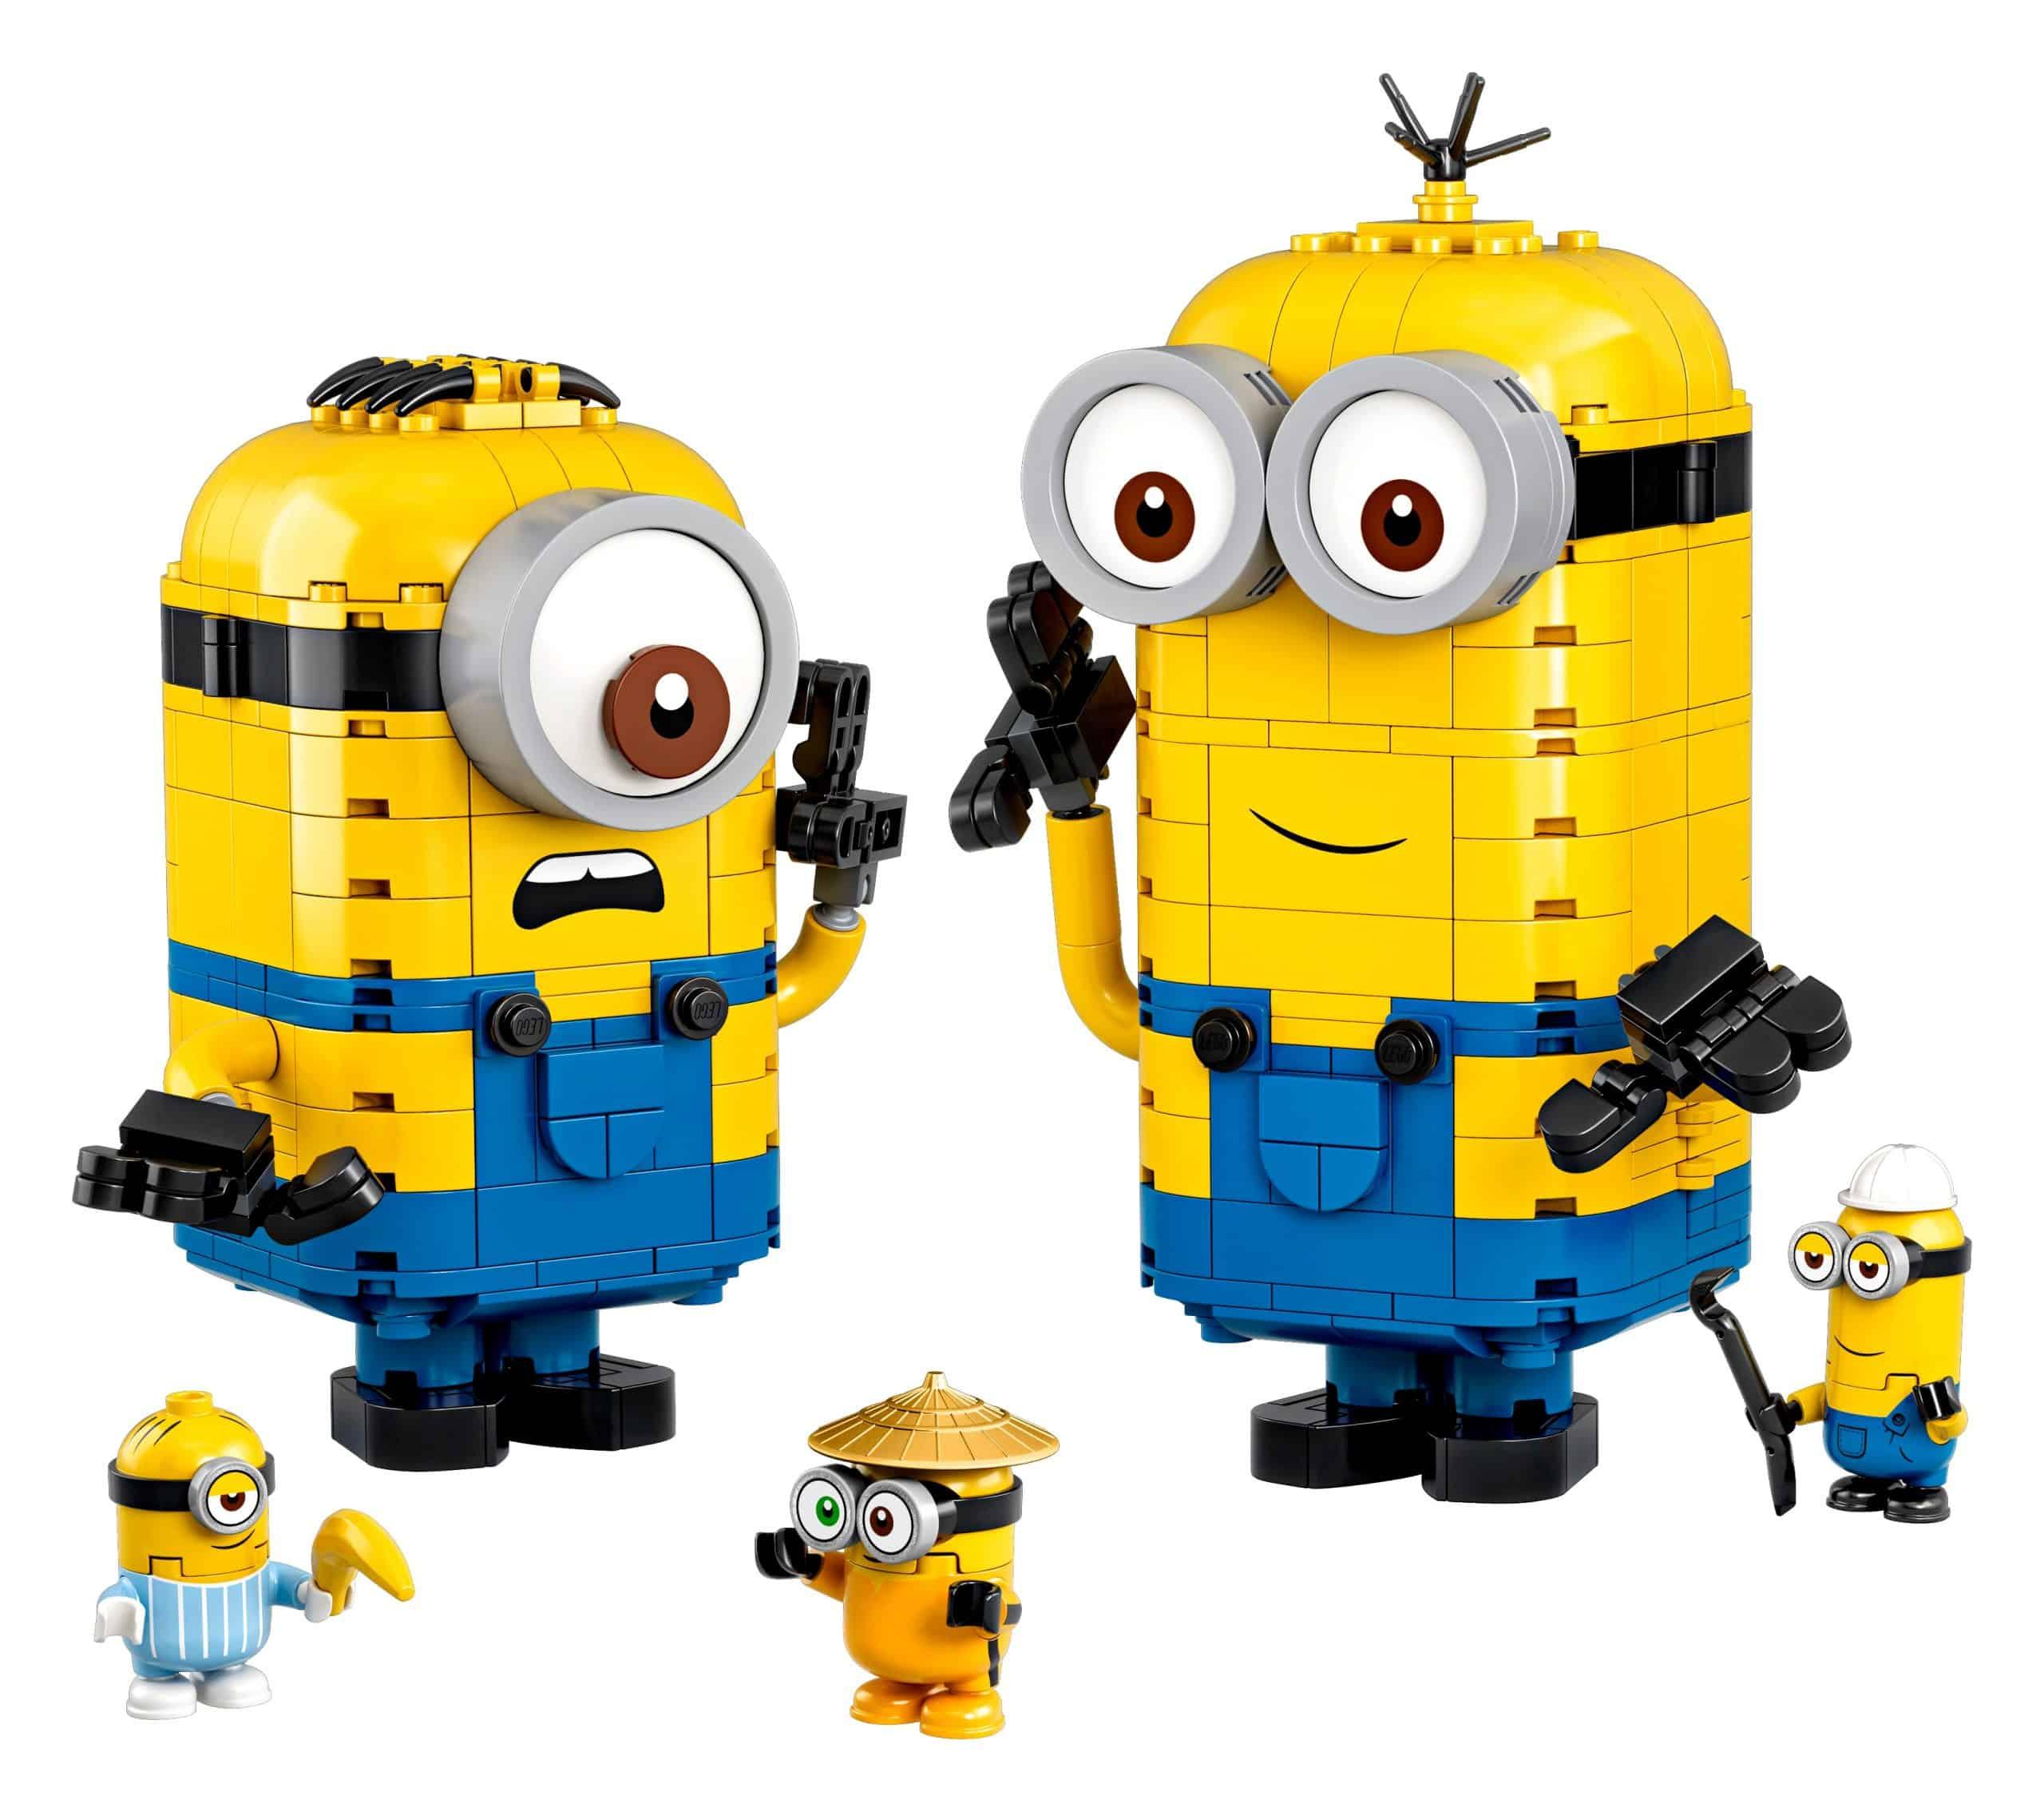 lego minions figuren van stenen en hun schuilplaats 75551 scaled